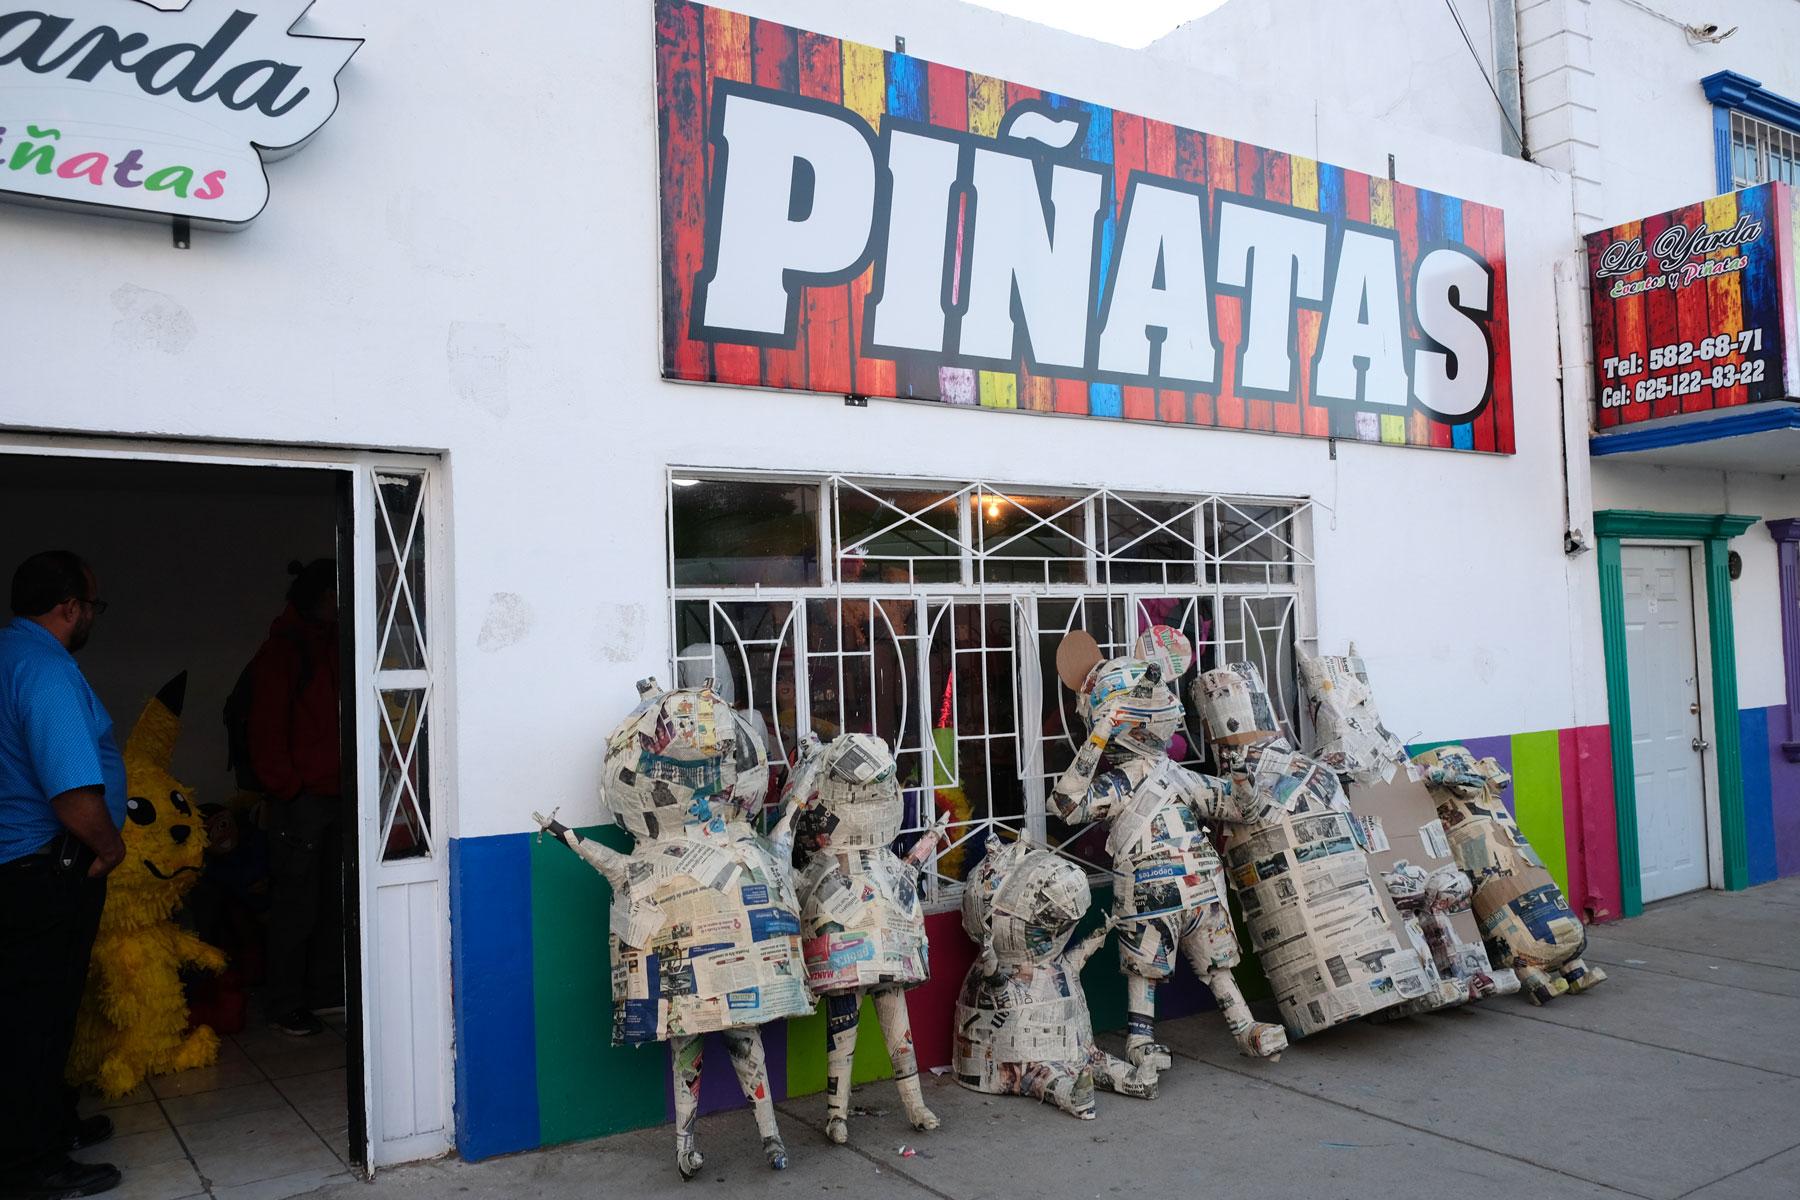 Vor einem Geschäft in Mexiko stehen Pappmachéfiguren.